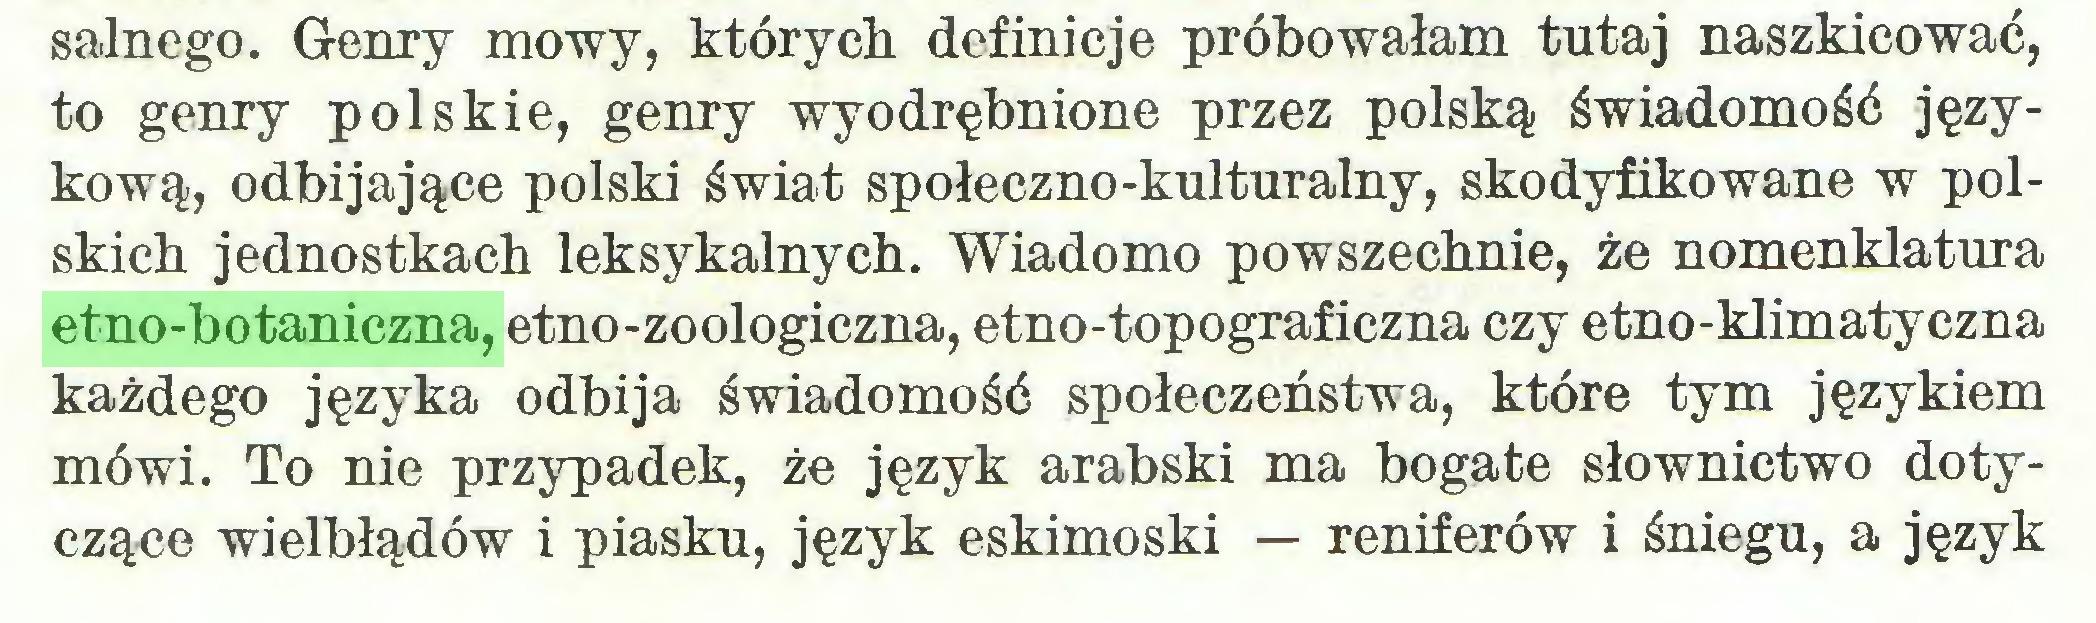 (...) salnego. Genry mowy, których definicje próbowałam tutaj naszkicować, to genry polskie, genry wyodrębnione przez polską świadomość językową, odbijające polski świat społeczno-kulturalny, skodyfikowane w polskich jednostkach leksykalnych. Wiadomo powszechnie, że nomenklatura etno-botaniczna, etno-zoologiczna, etno-topograficzna czy etno-klimatyczna każdego języka odbija świadomość społeczeństwa, które tym językiem mówi. To nie przypadek, że język arabski ma bogate słownictwo dotyczące wielbłądów i piasku, język eskimoski — reniferów i śniegu, a język...